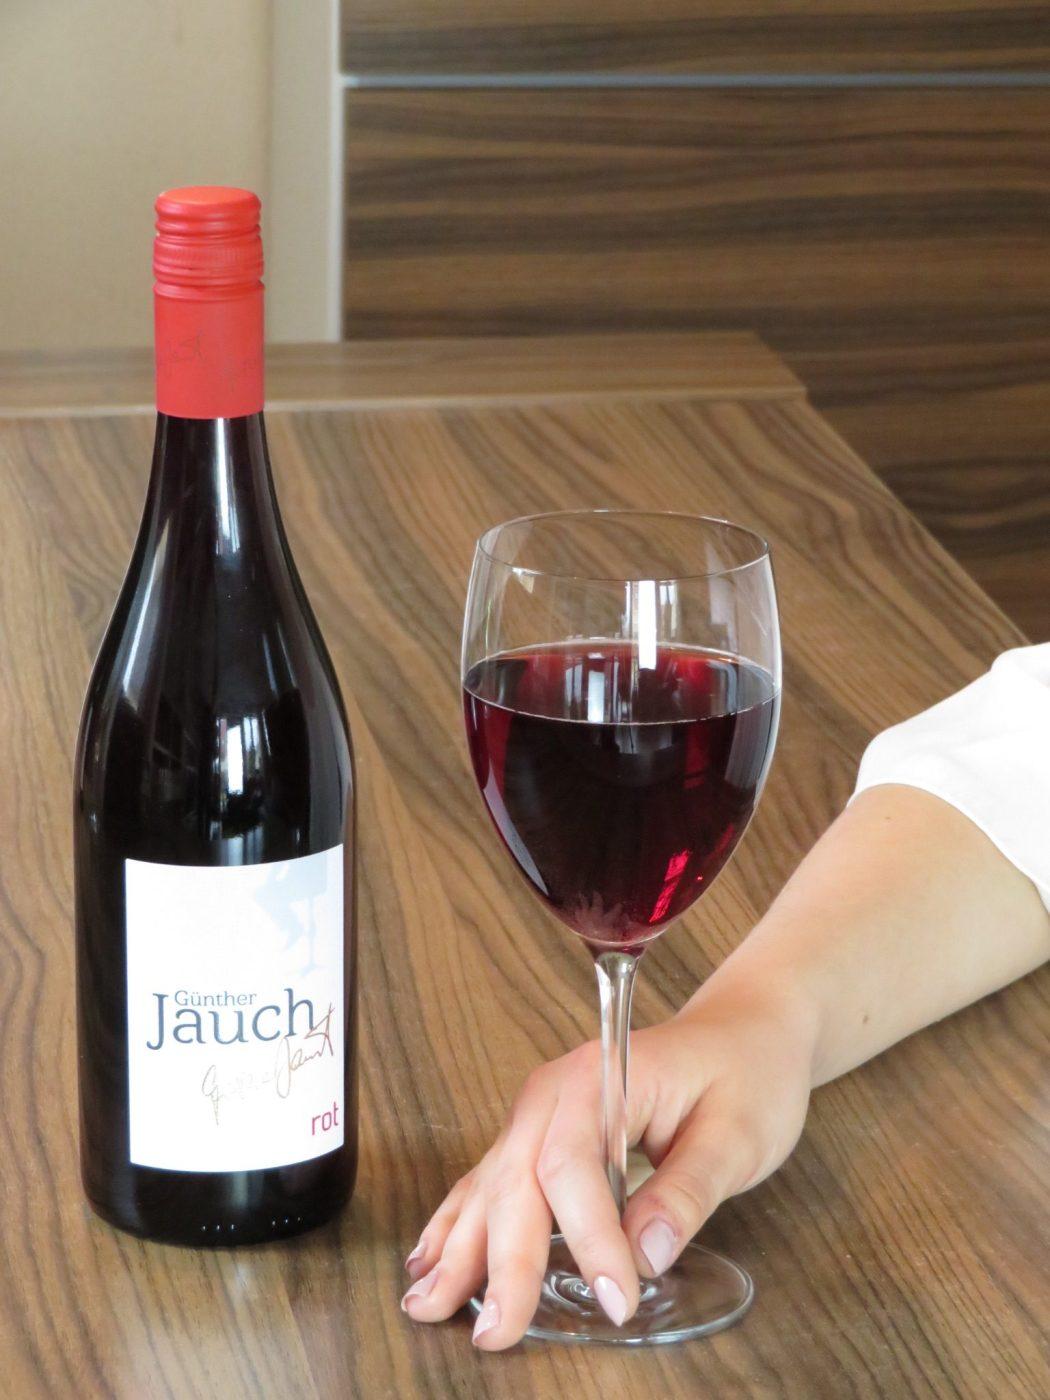 Günther-Jauch-Wein von Aldi